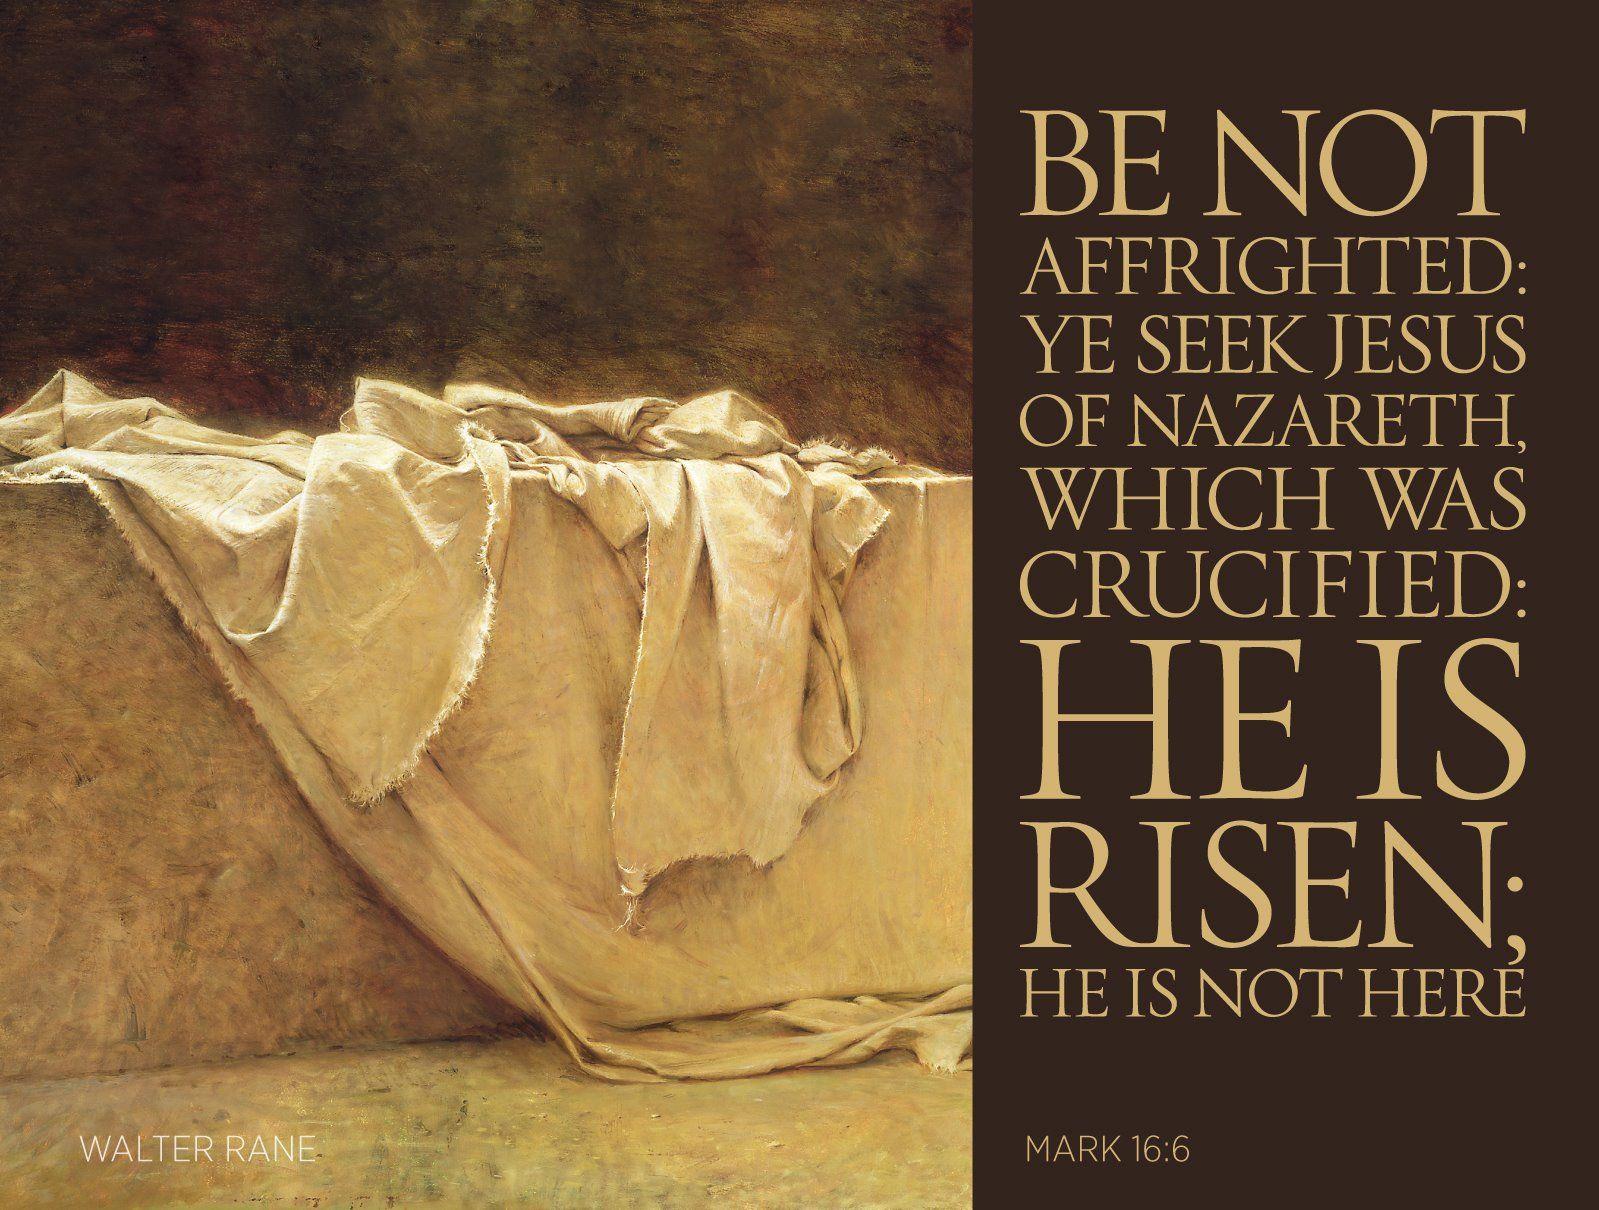 Easter+Card+7.jpg (1599×1210)